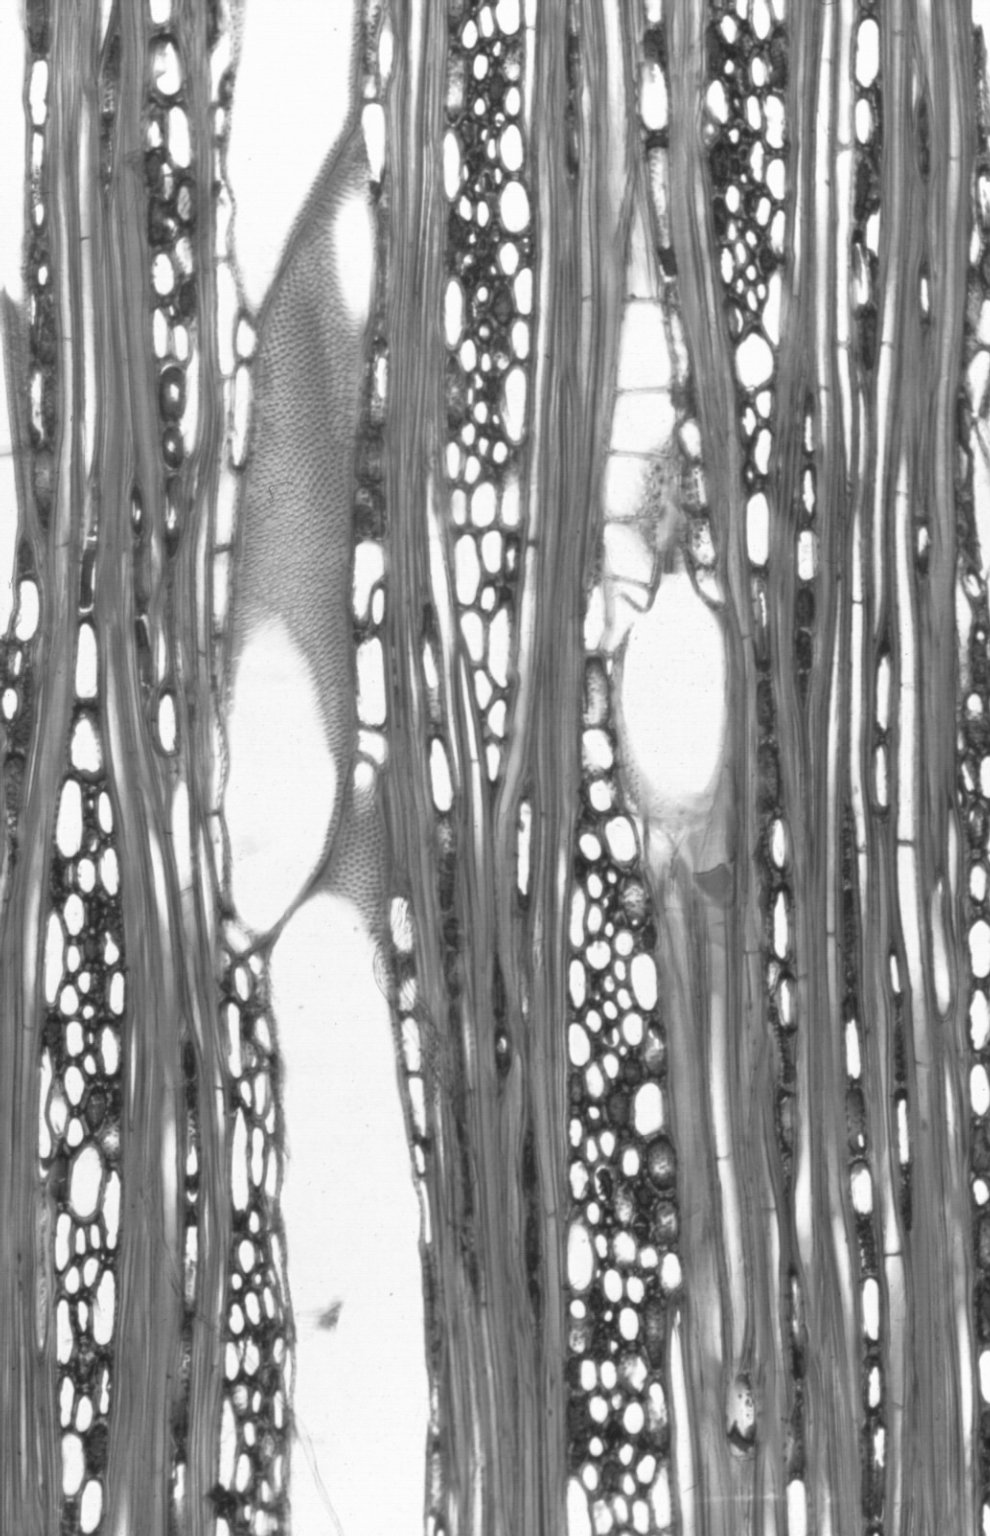 PHYLLANTHACEAE Glochidion ferdinandii